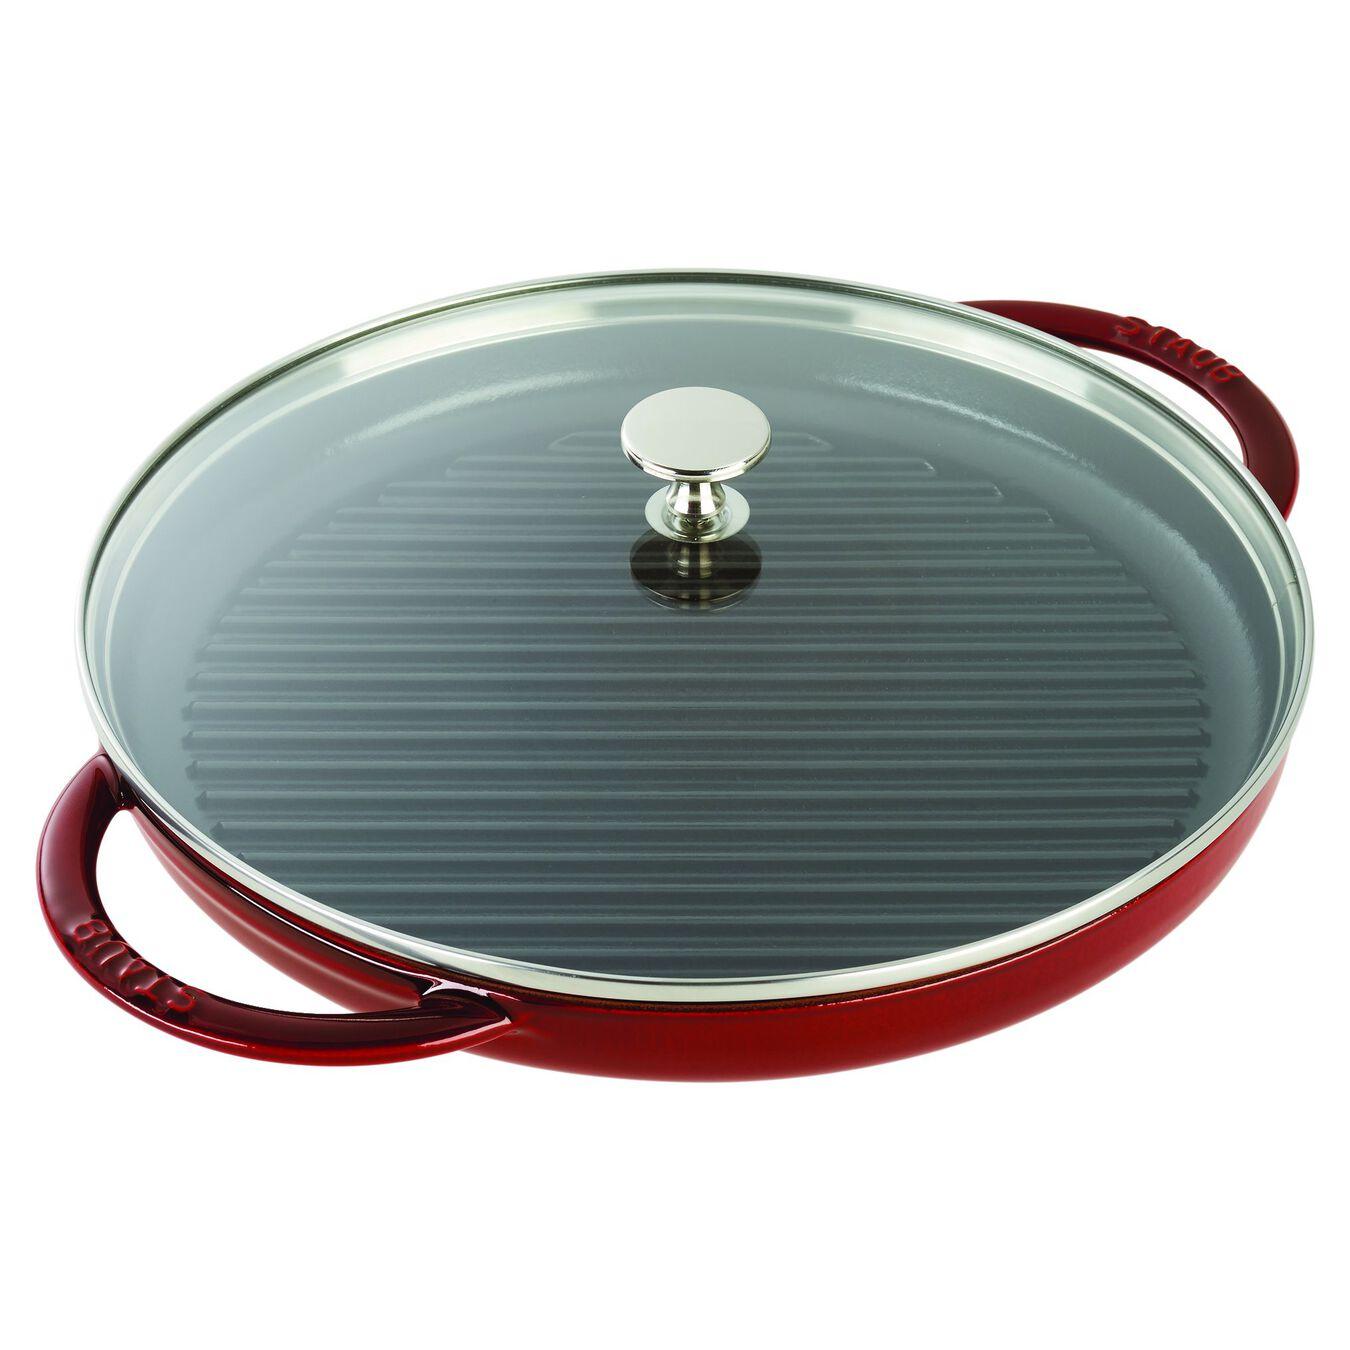 12-inch Round Steam Grill - Grenadine,,large 2